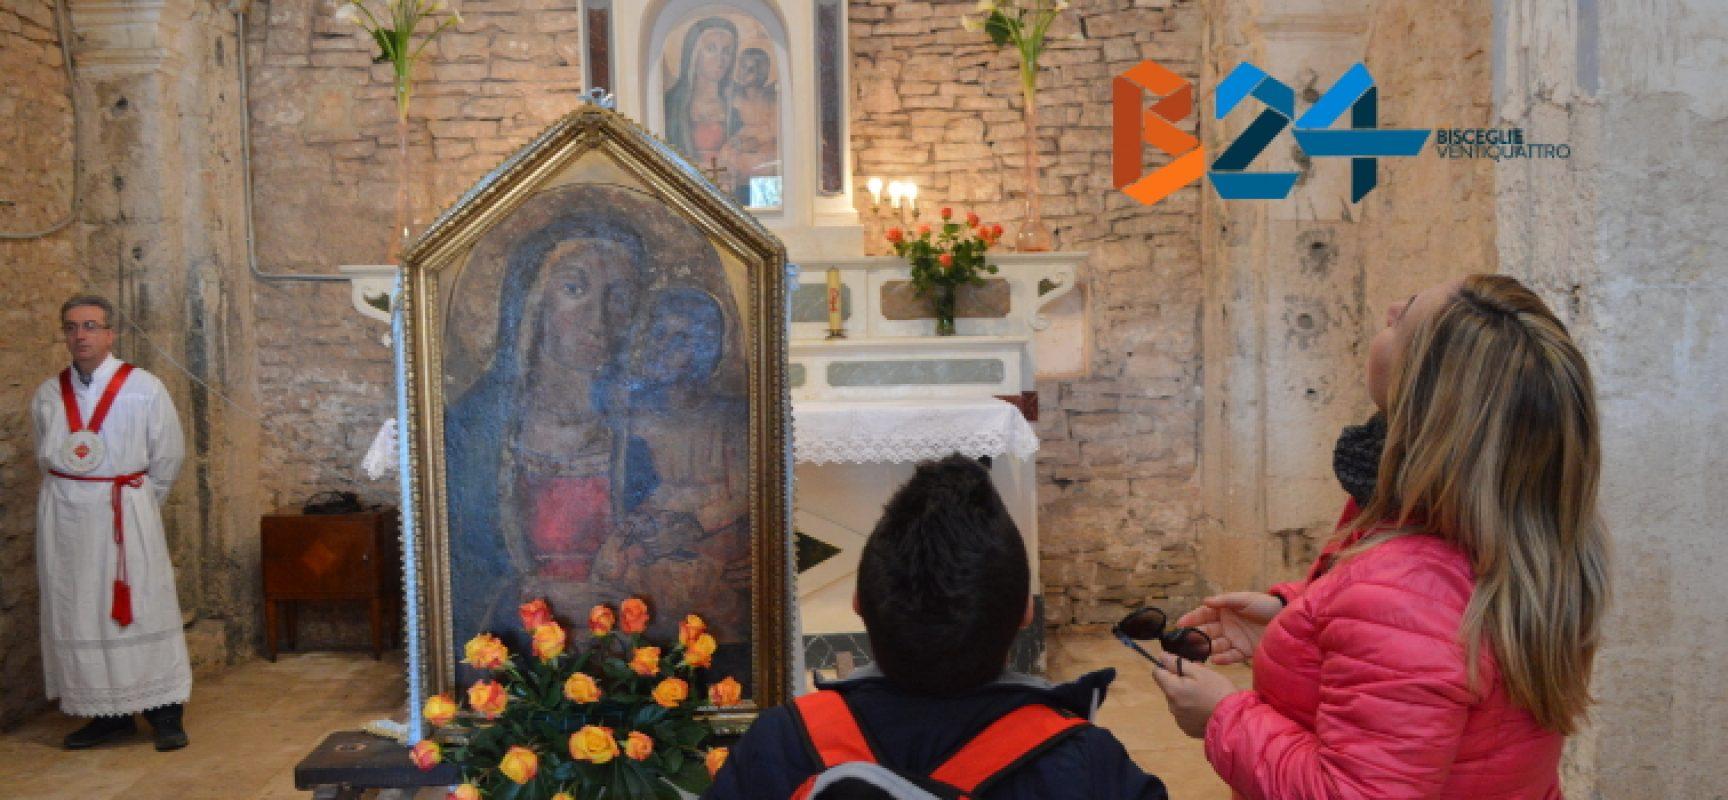 Fede e folklore, si rinnova la devozione alla Madonna nera di Zappino / FOTO